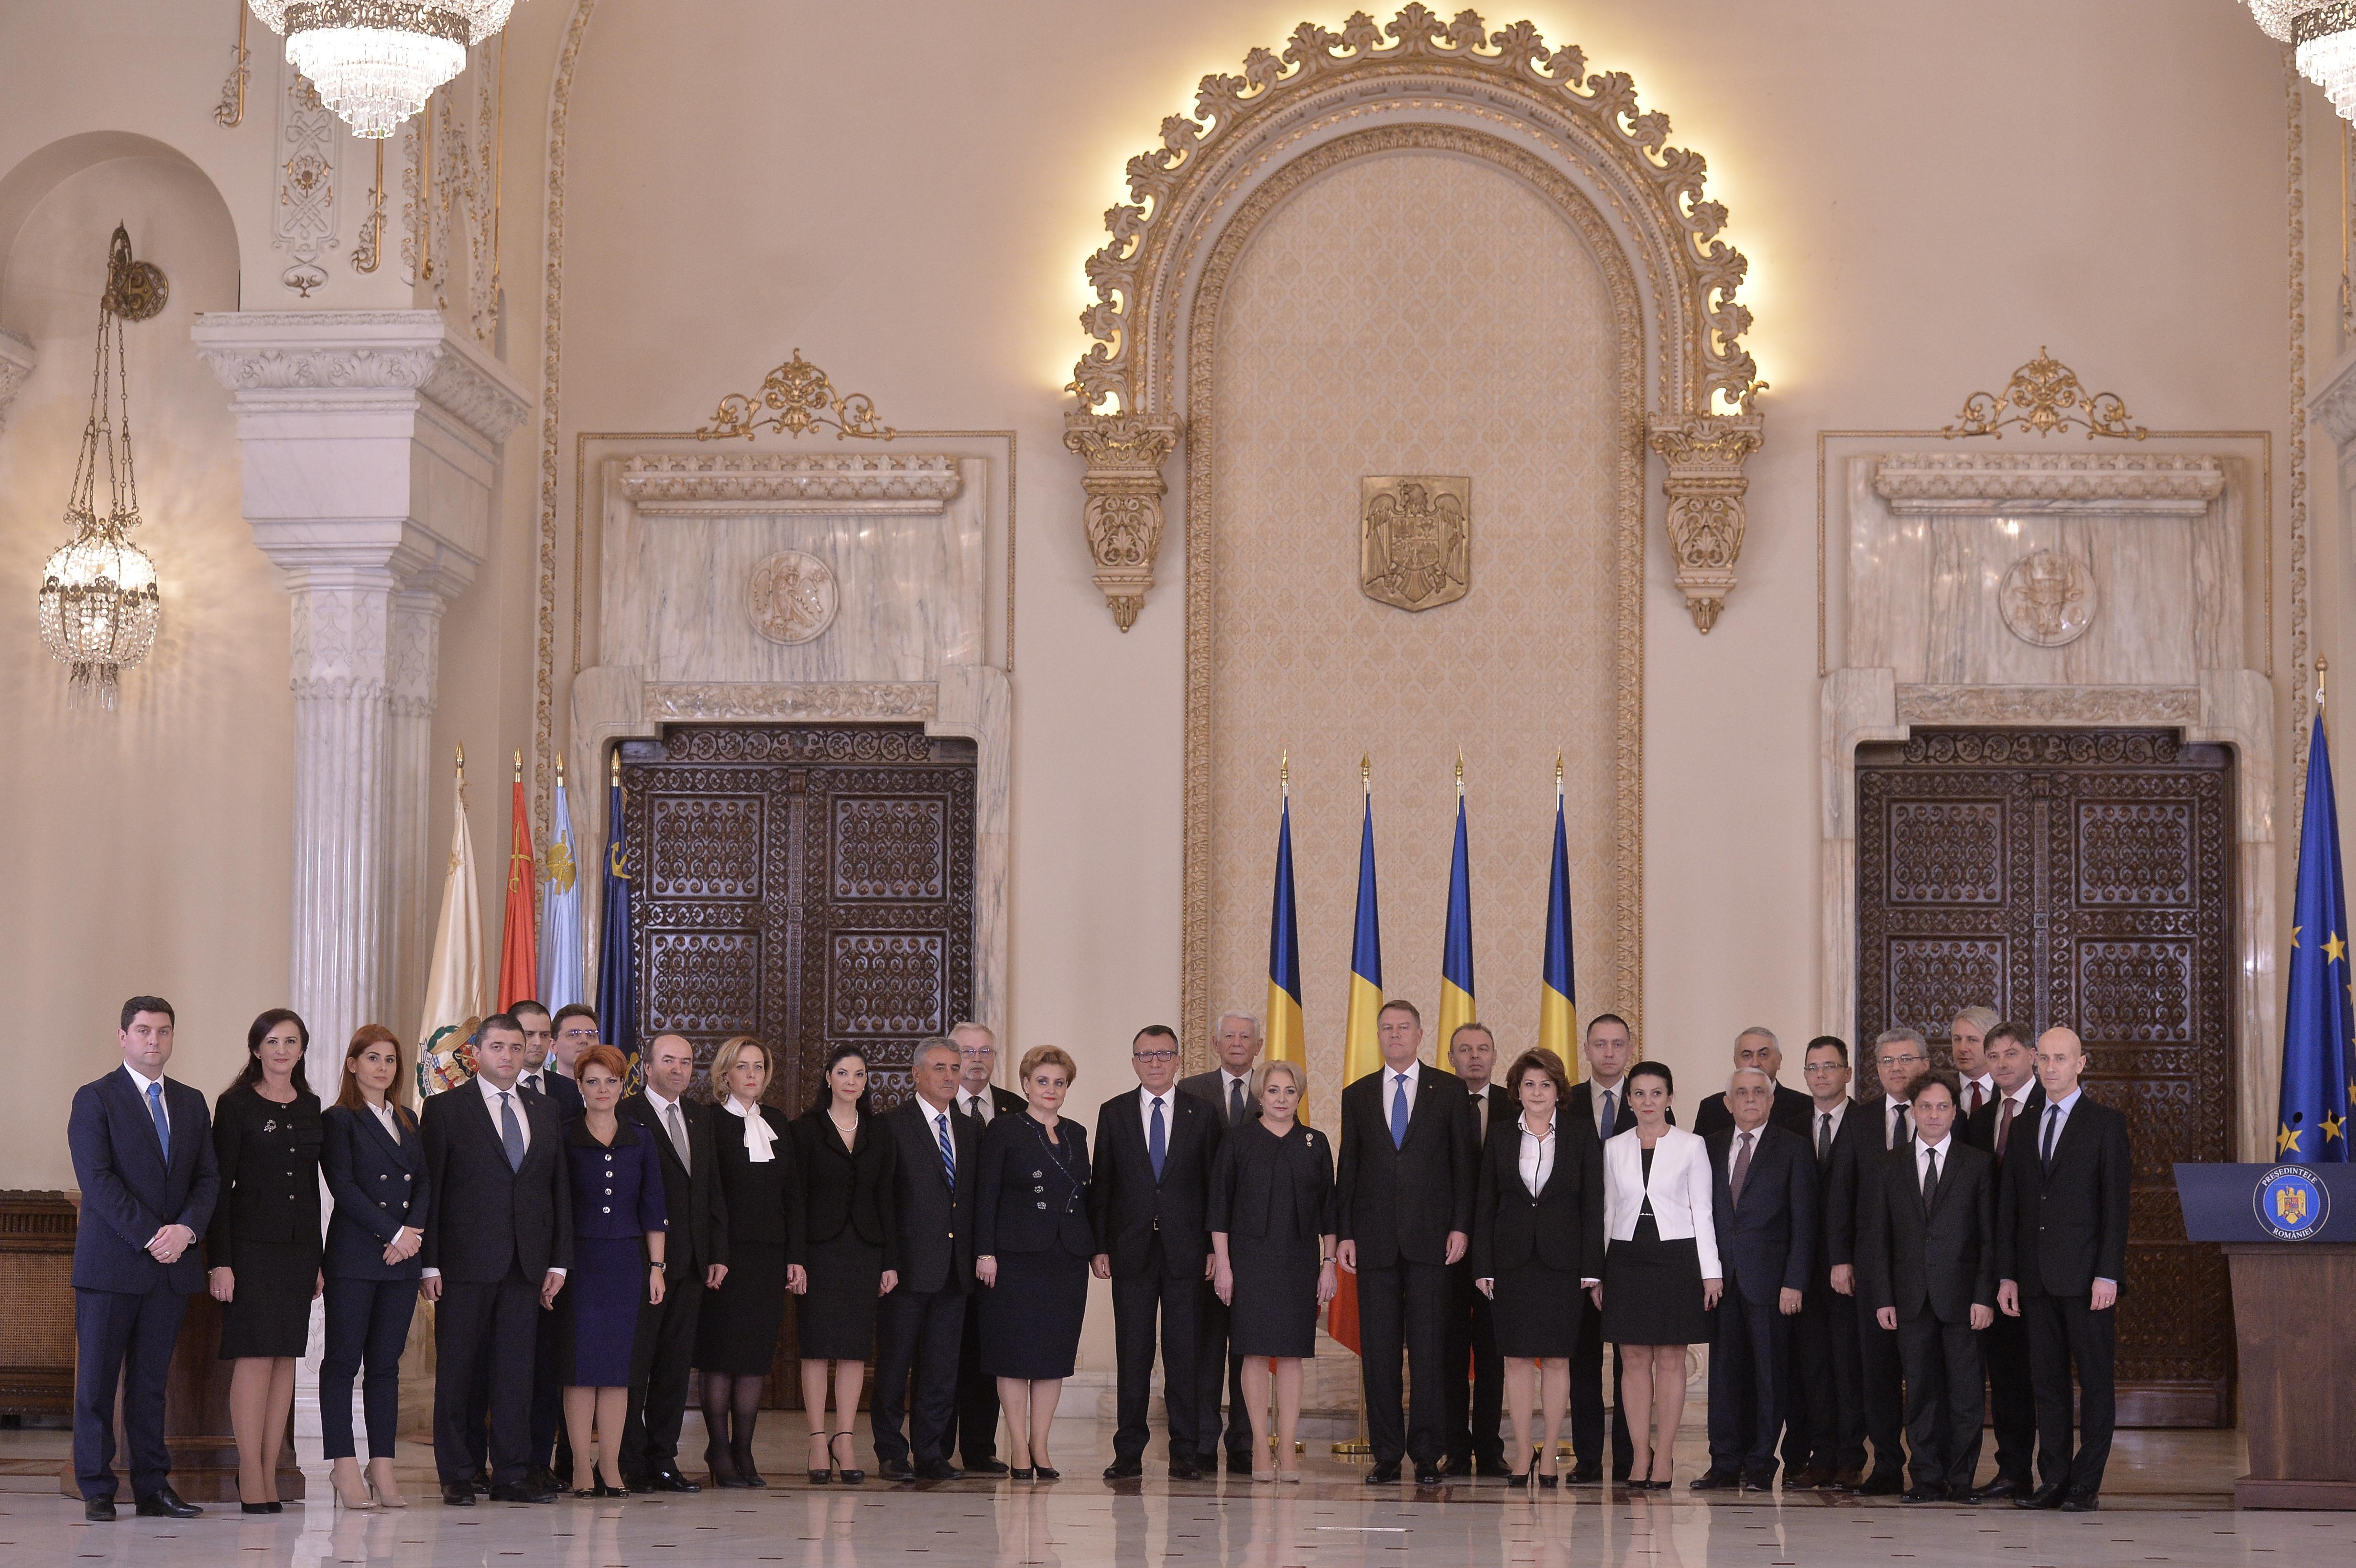 Guvernul Dăncilă a depus jurământul la Cotroceni / Iohannis: Sper să înceteze şi această ţopăială guvernamentală. Afectarea independenţei justiţiei este de neacceptat! | FOTO, VIDEO